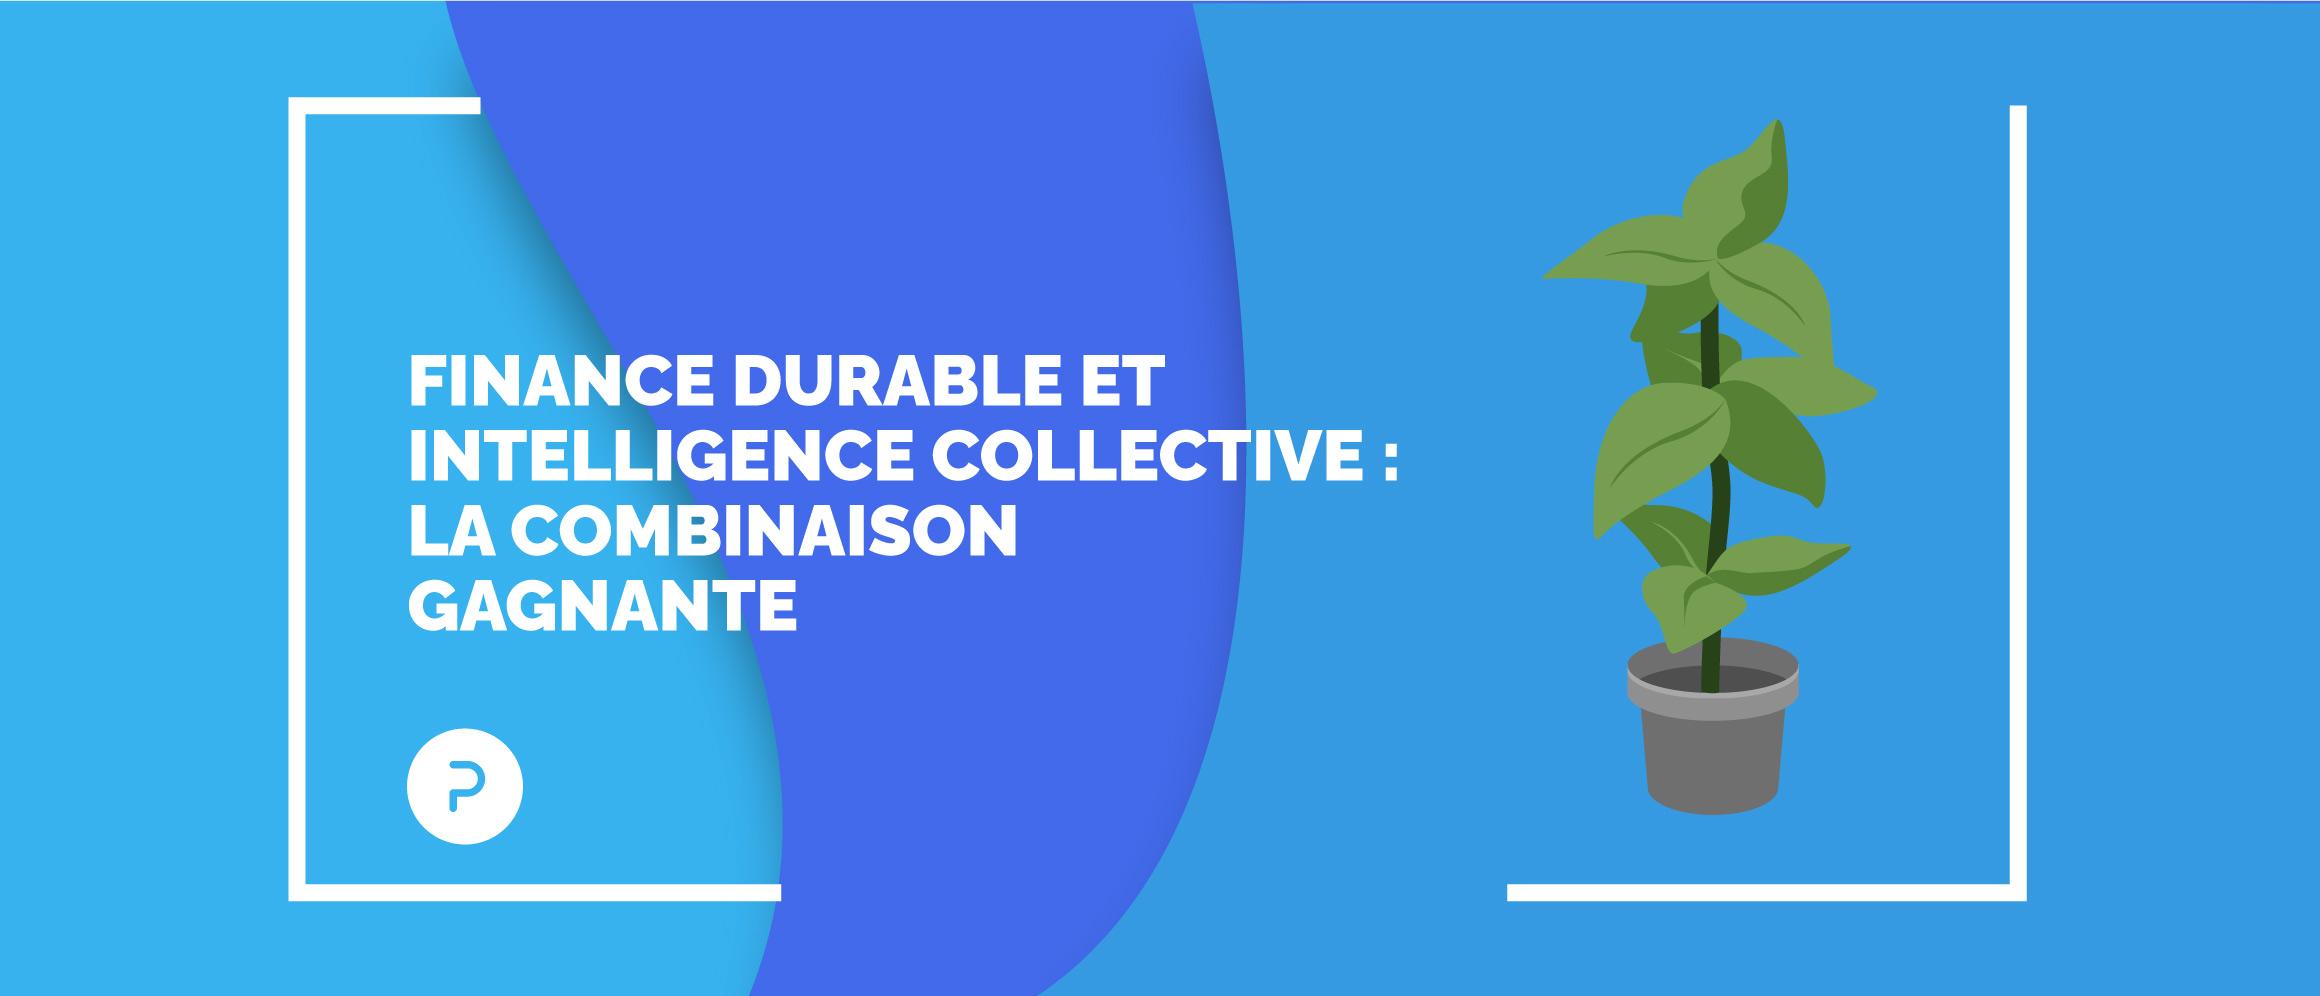 Finance durable et intelligence collective : la combinaison gagnante